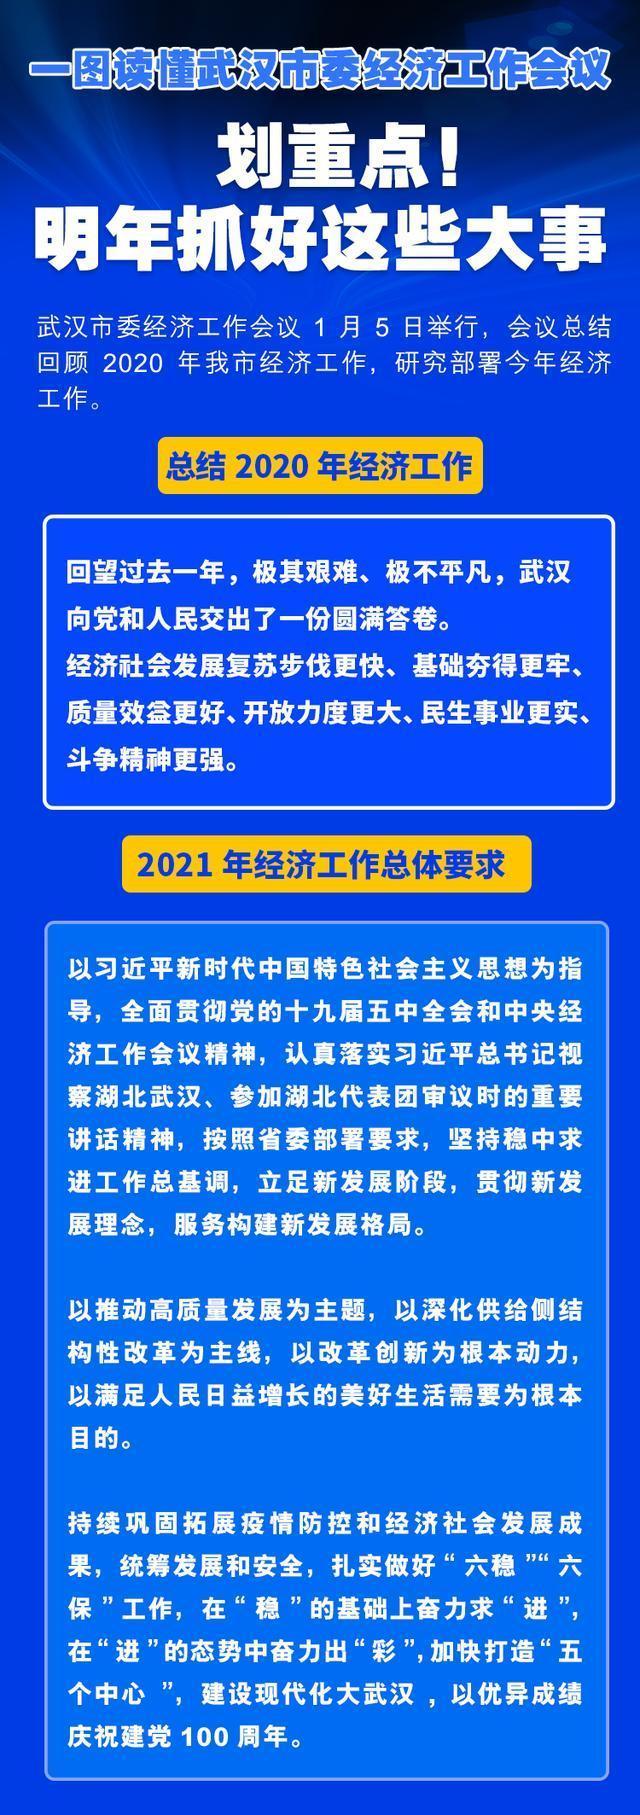 看图 武汉市委经济工作会议重点。 第1张